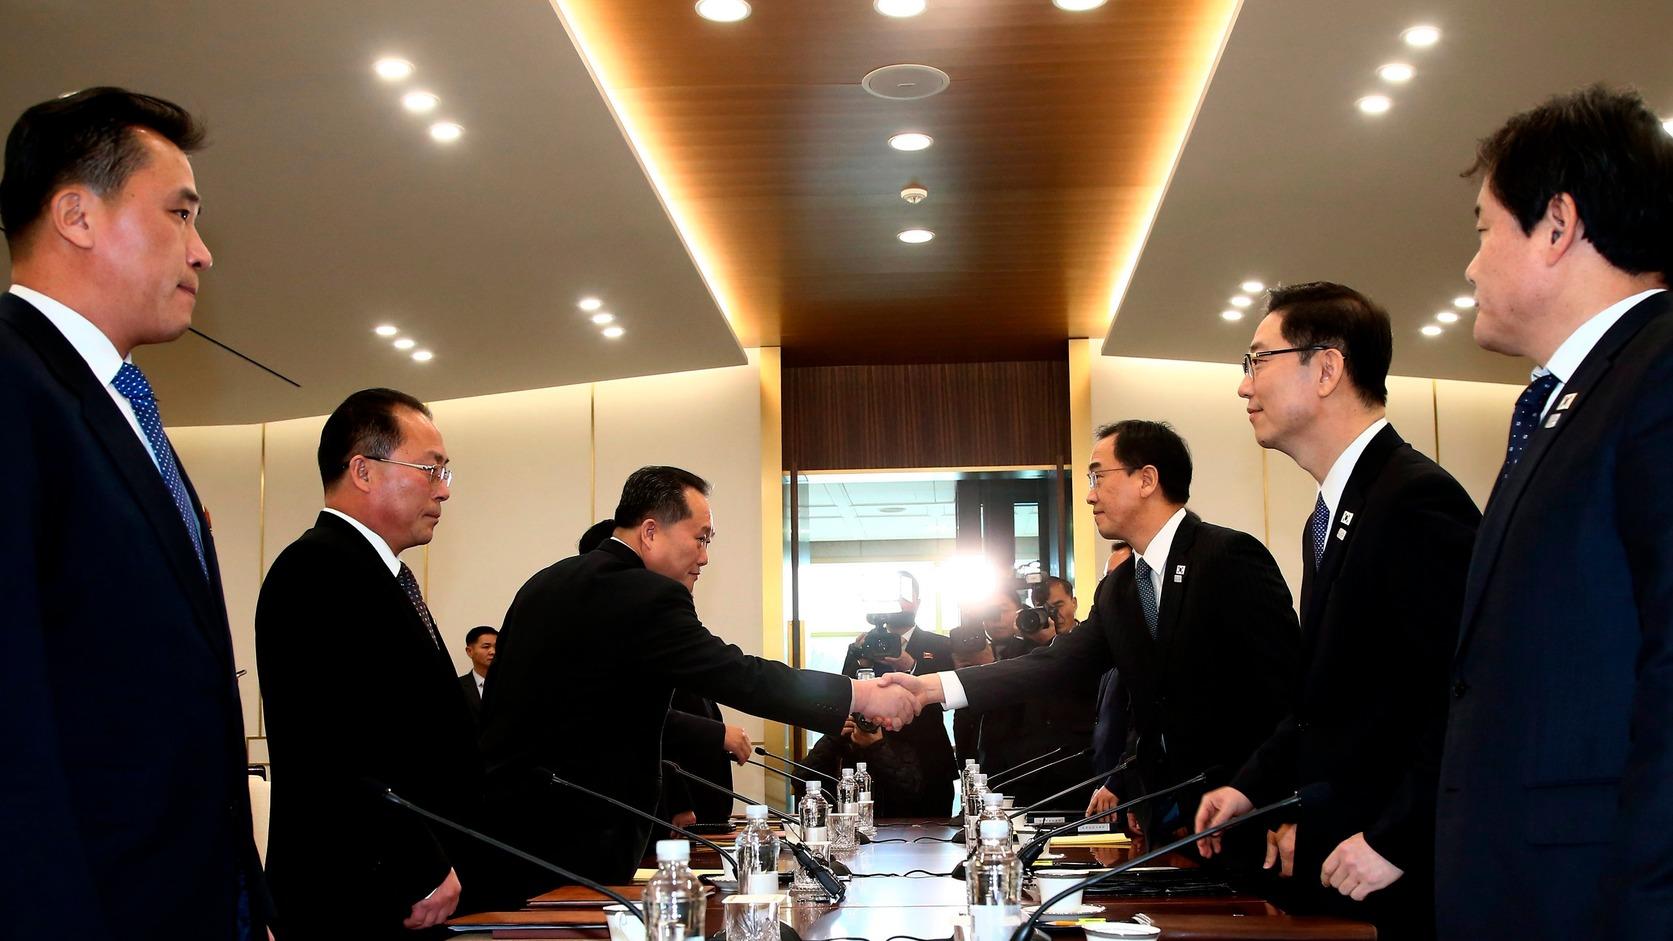 Panmindzson, 2018. január 9. Cso Mjung Gjon, országegyesítési ügyekért felelős dél-koreai miniszter (j3) és Li Szon Gvon, az észak-koreai delegáció vezetője (b3) kezet fog a februári dél-koreai téli olimpián való észak-koreai részvételről tartott tárgyaláson a két Koreát elválasztó panmindzsoni demilitarizált övezet dél-koreai oldalán levő Béke Házában 2018. január 9-én. A felek megállapodtak abban, hogy Phenjan sportolókat, magas rangú tisztviselőket és szurkolókat küld a téli olimpiára. A megbeszélés több mint két éve az első hivatalos találkozó a két ország között. (MTI/EPA pool/Jang Uj Csel)